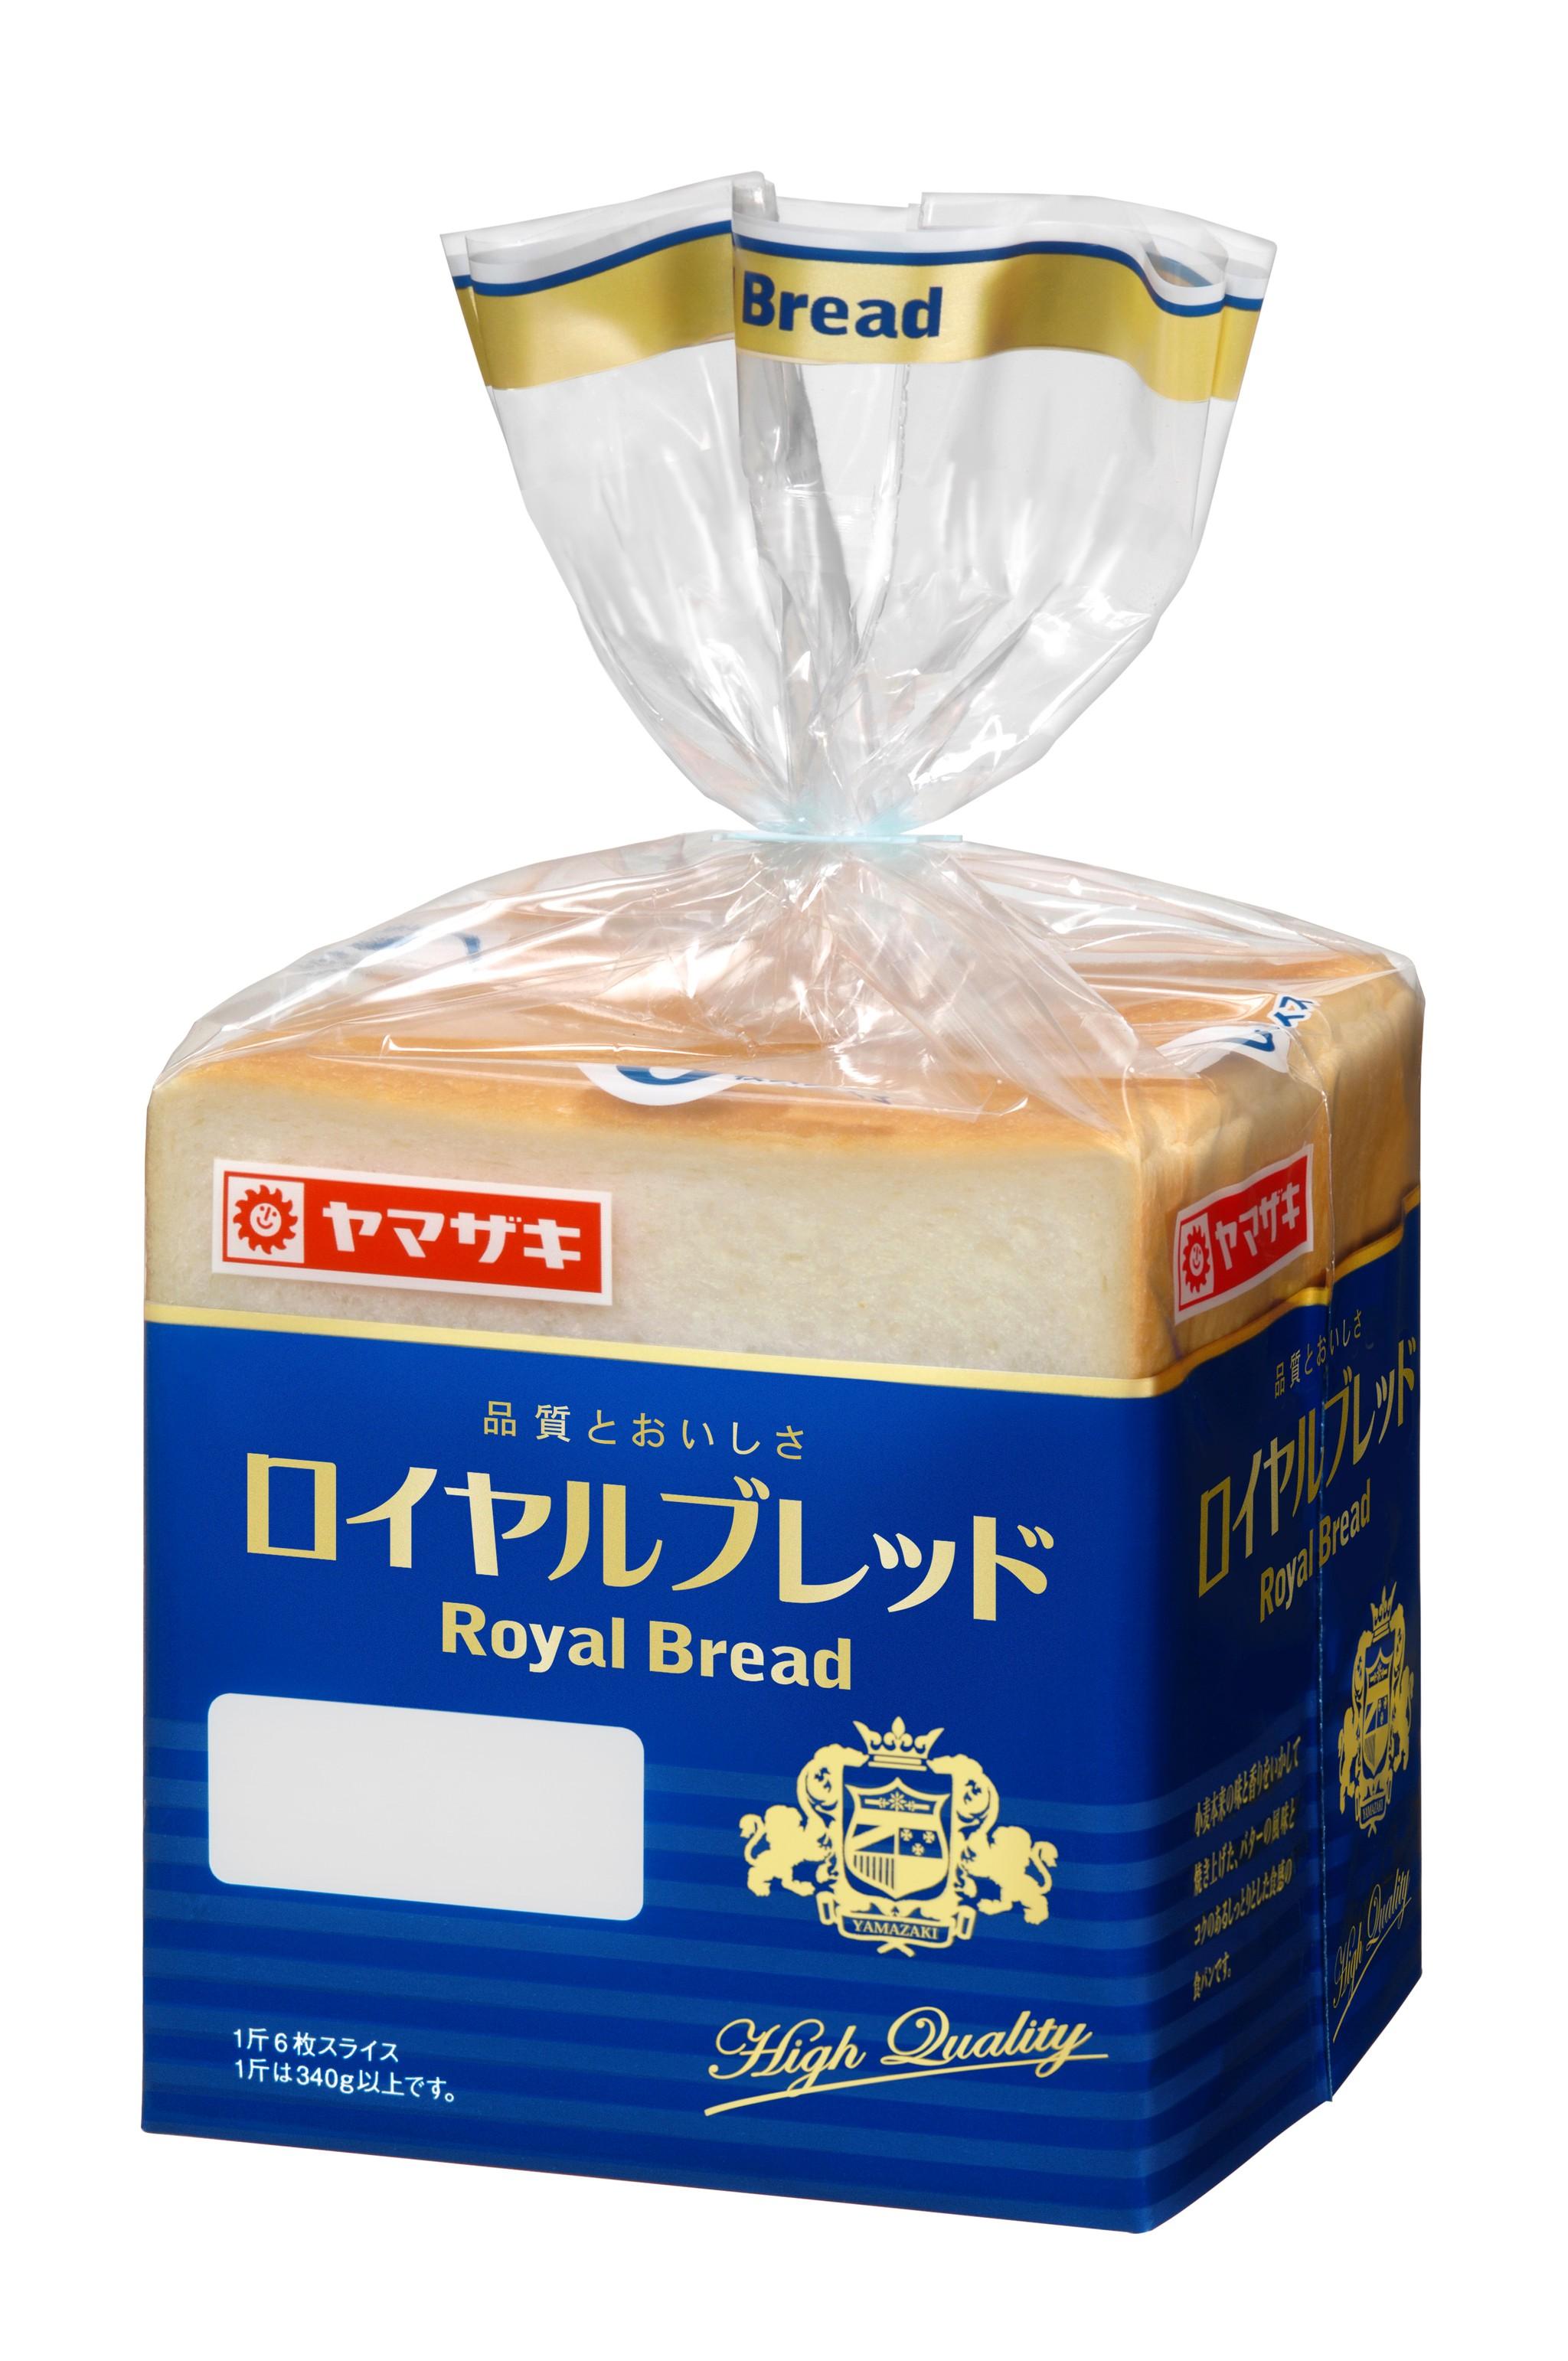 ヤマザキ パン コロナ